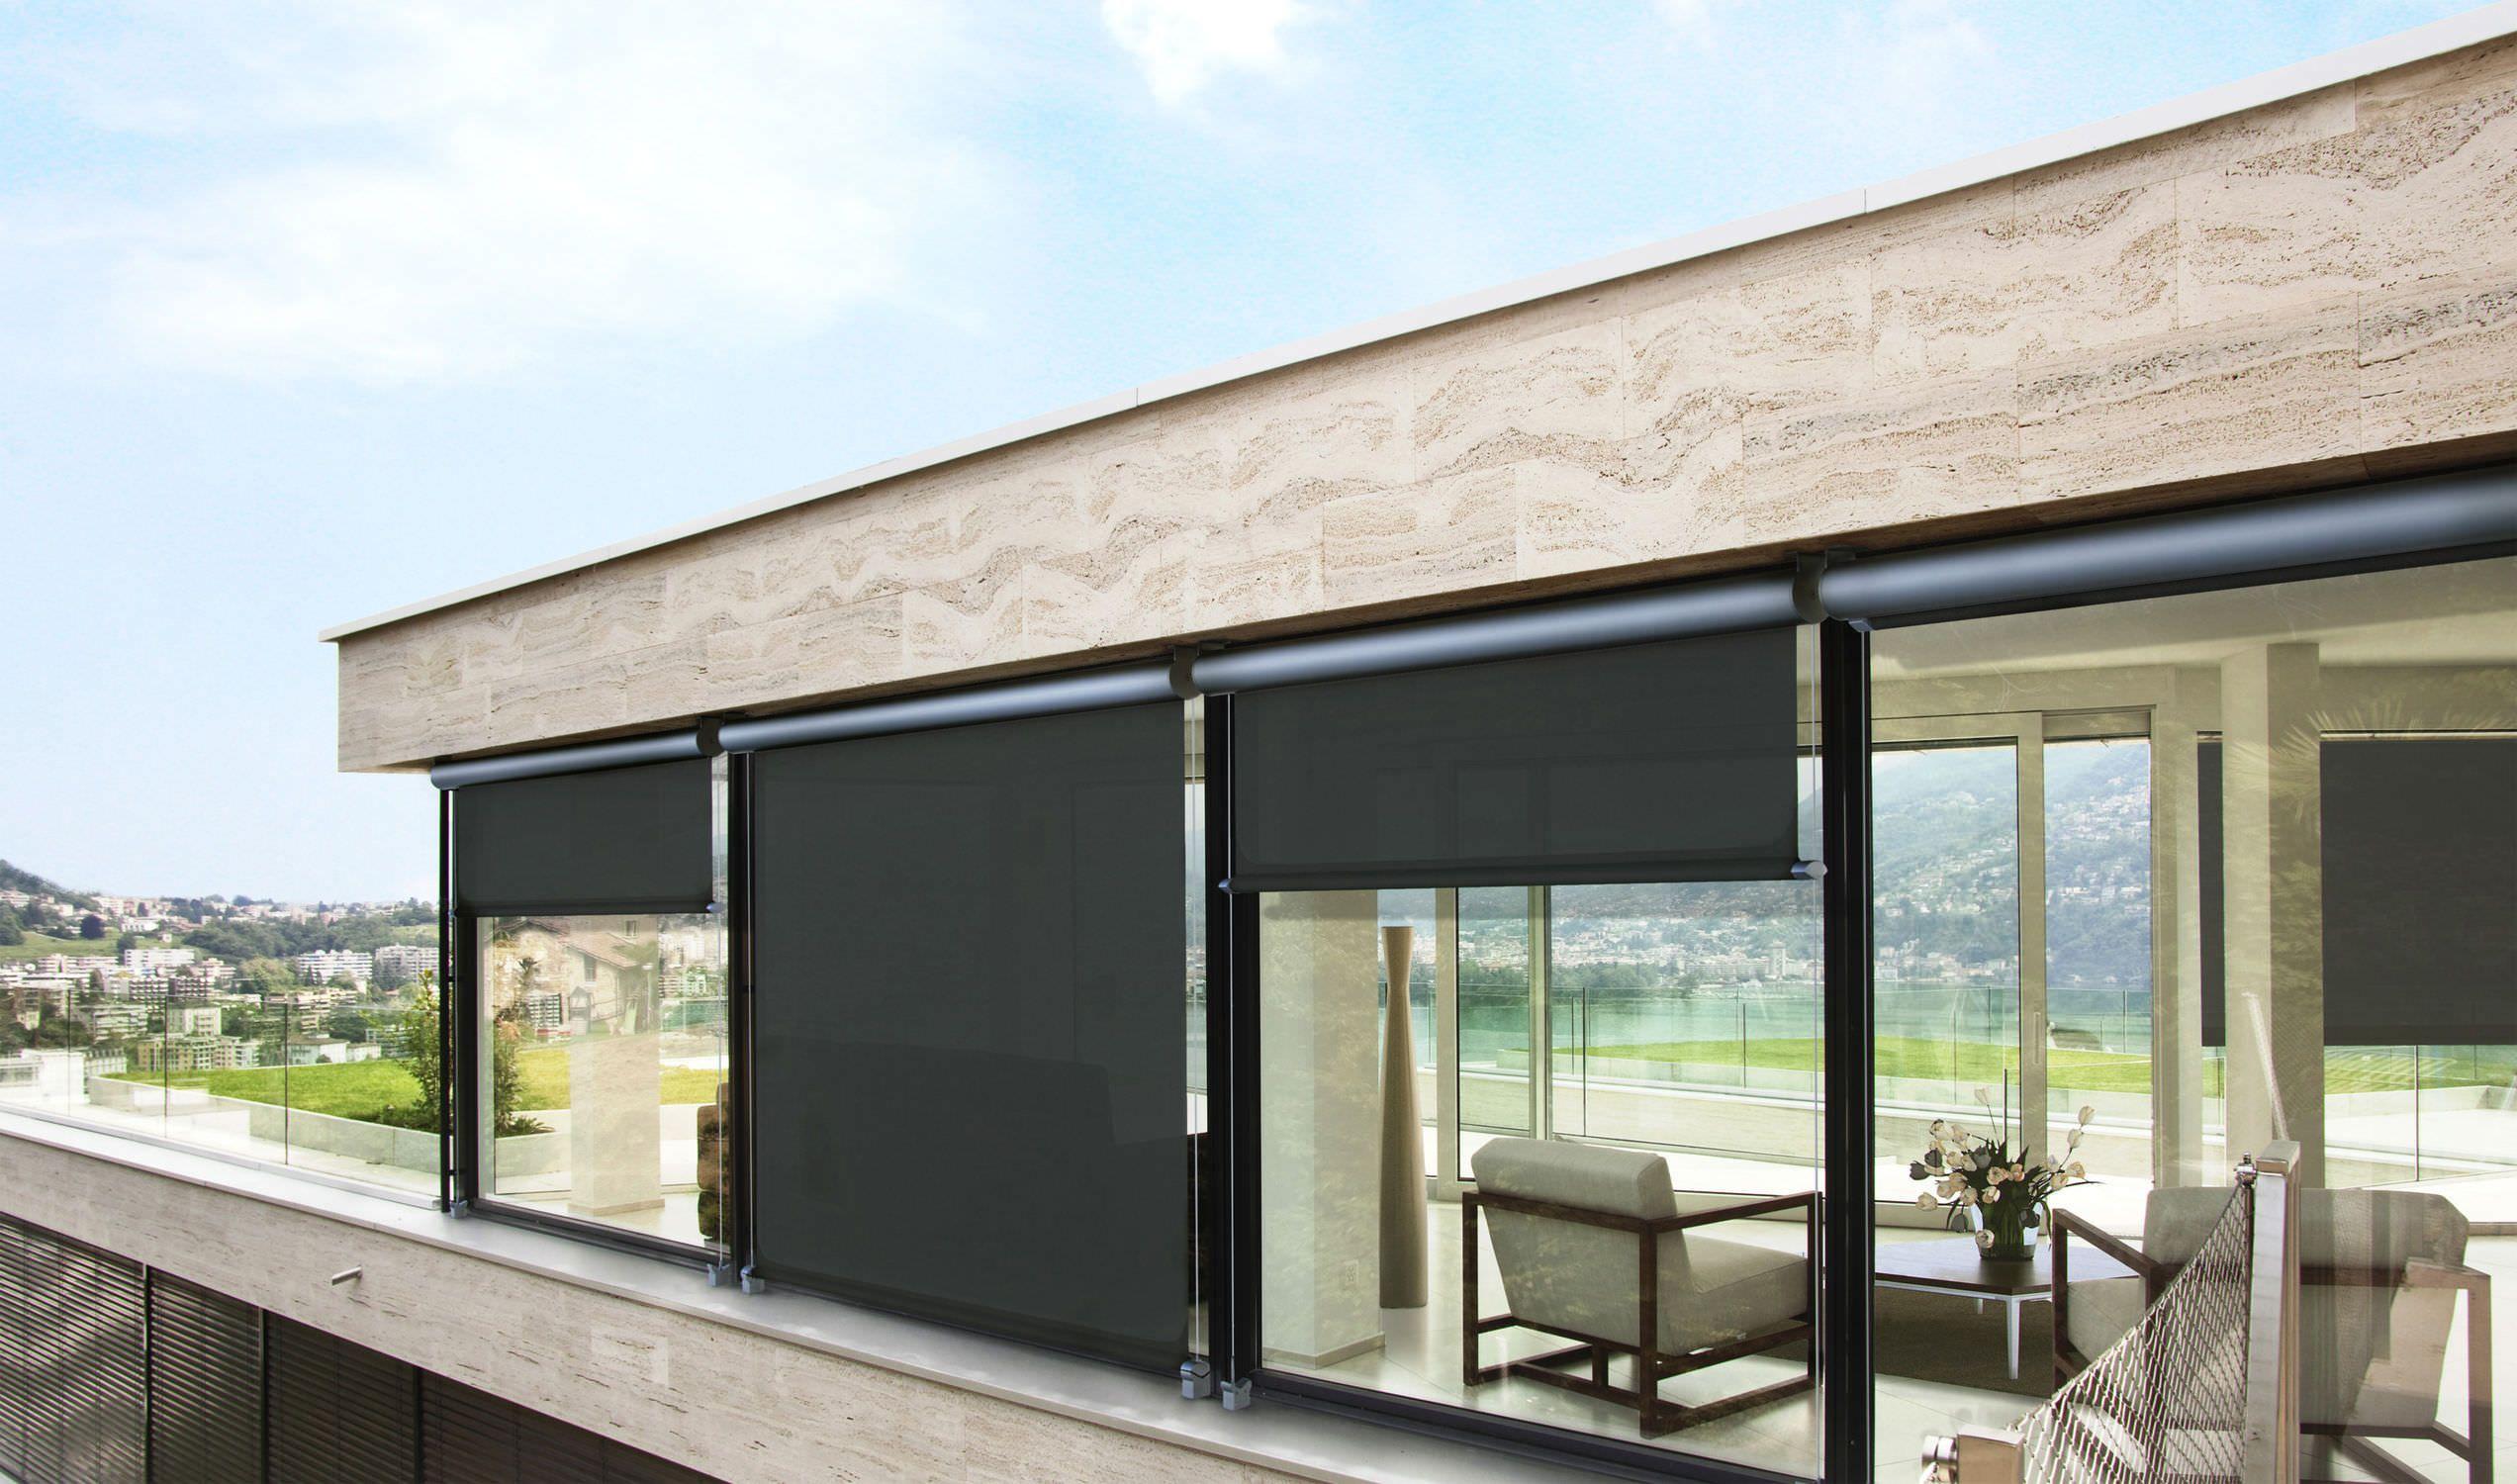 Carraro Tende Da Sole tende a rullo - real project porte e finestre (con immagini